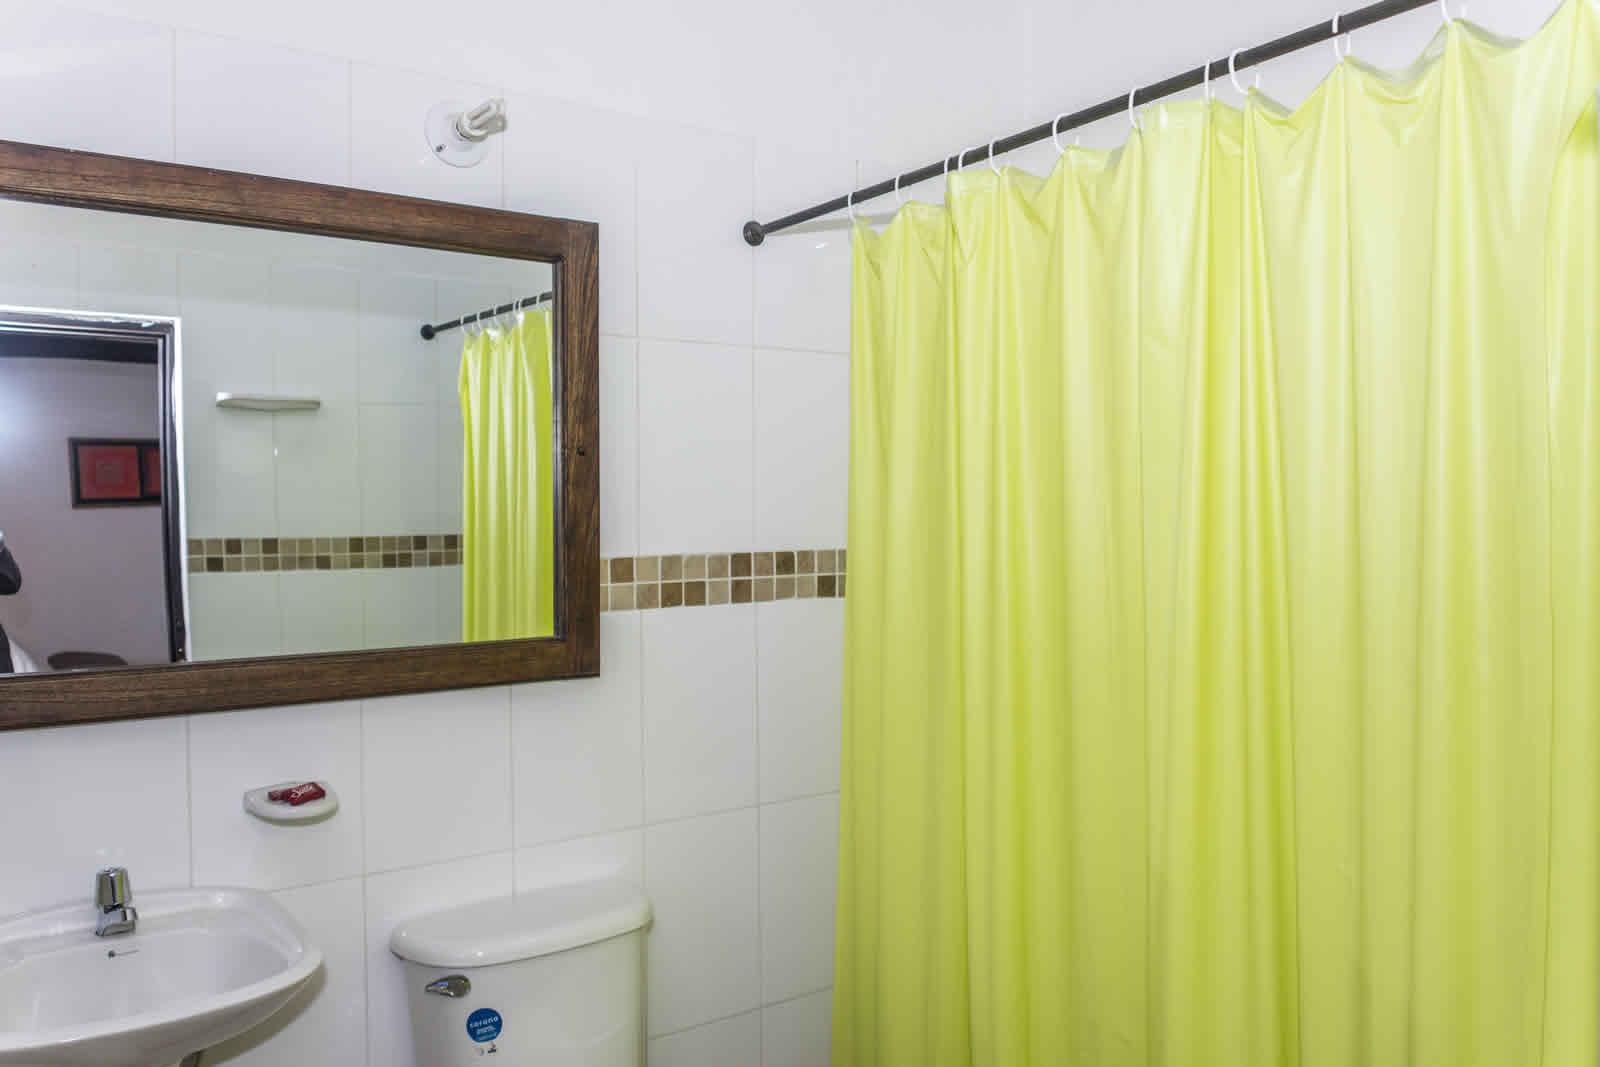 Alquiler casa de verano Villa de Leyva baño habitación 1